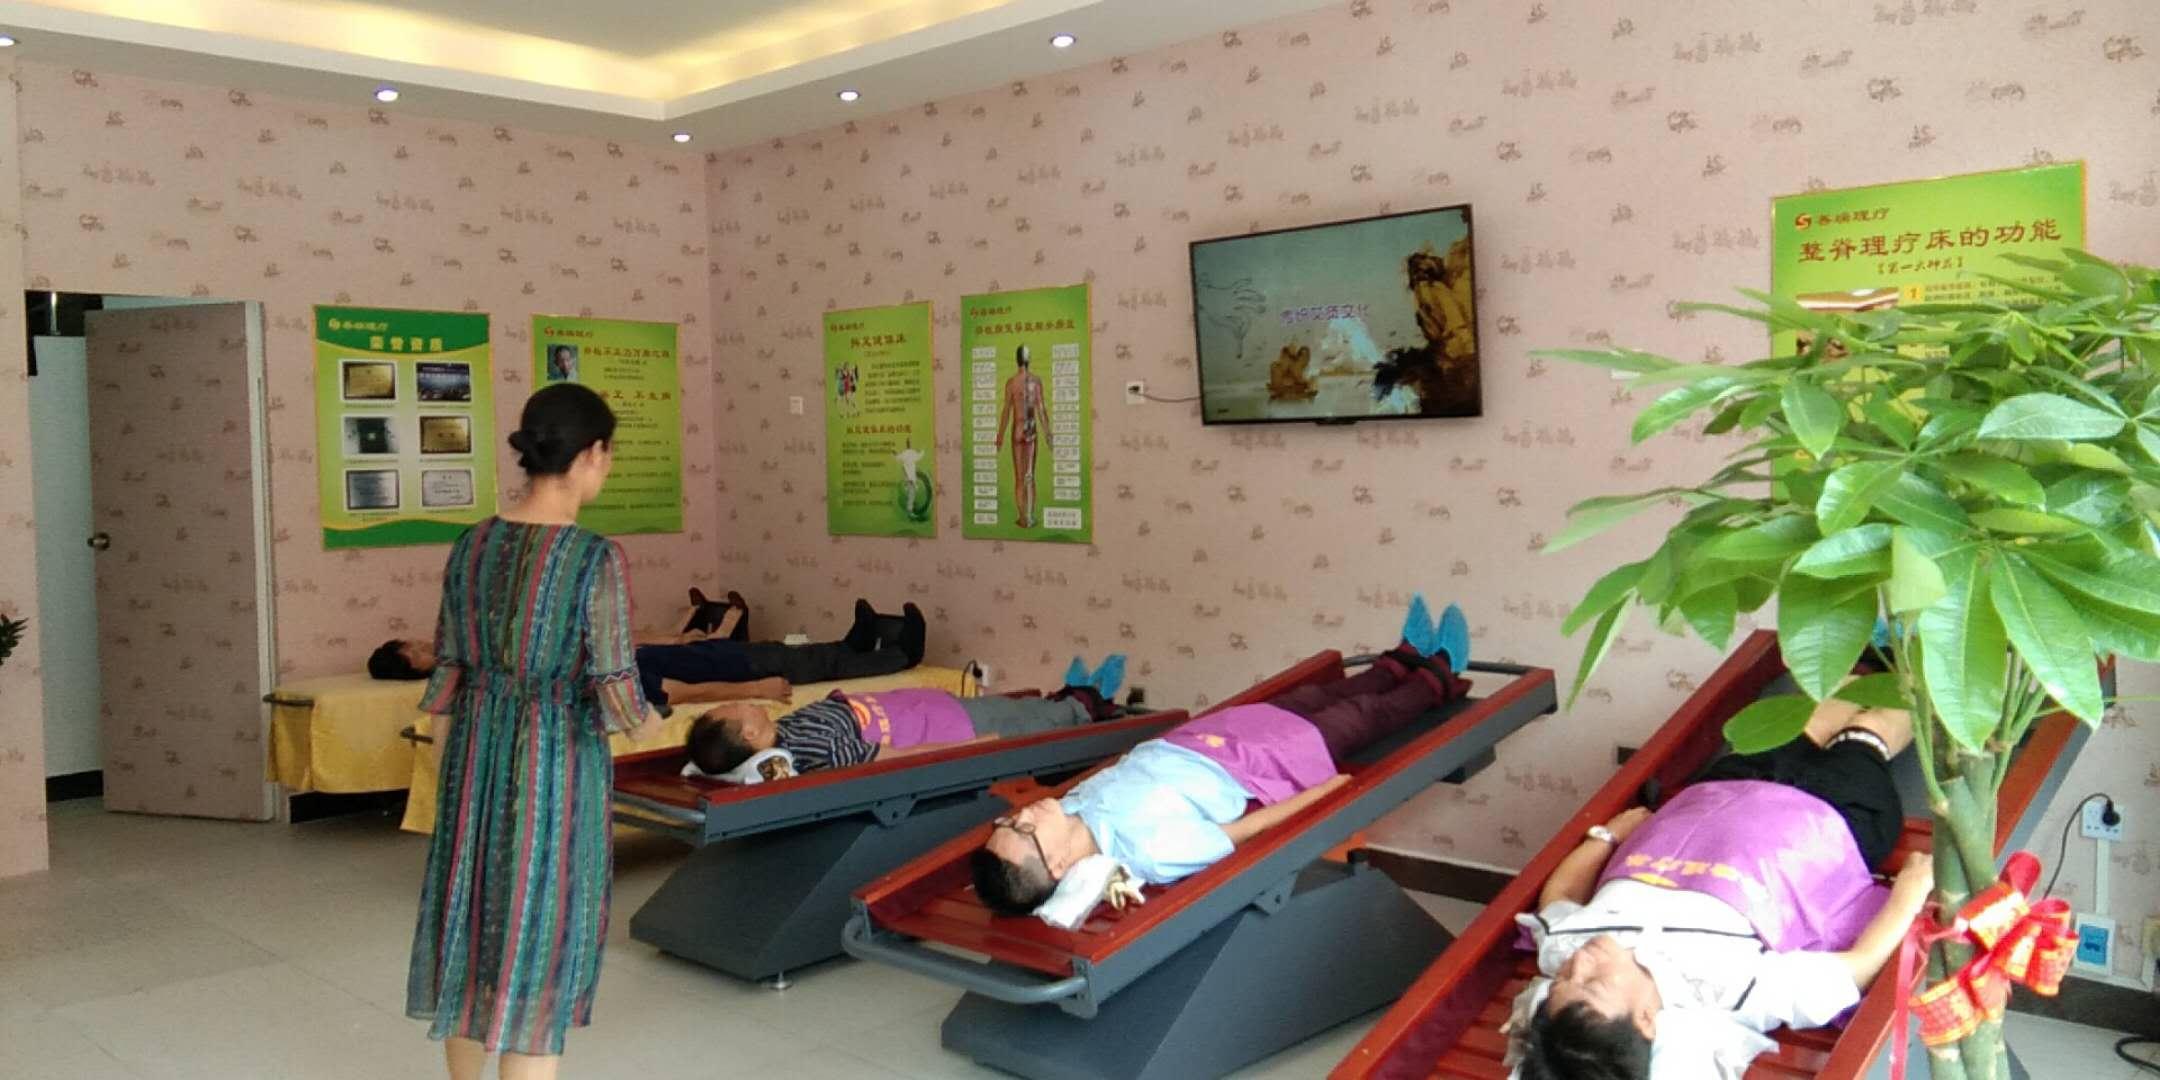 想买质量良好的脊柱梳理床,就来湖南善瑞-加盟spa养生会所